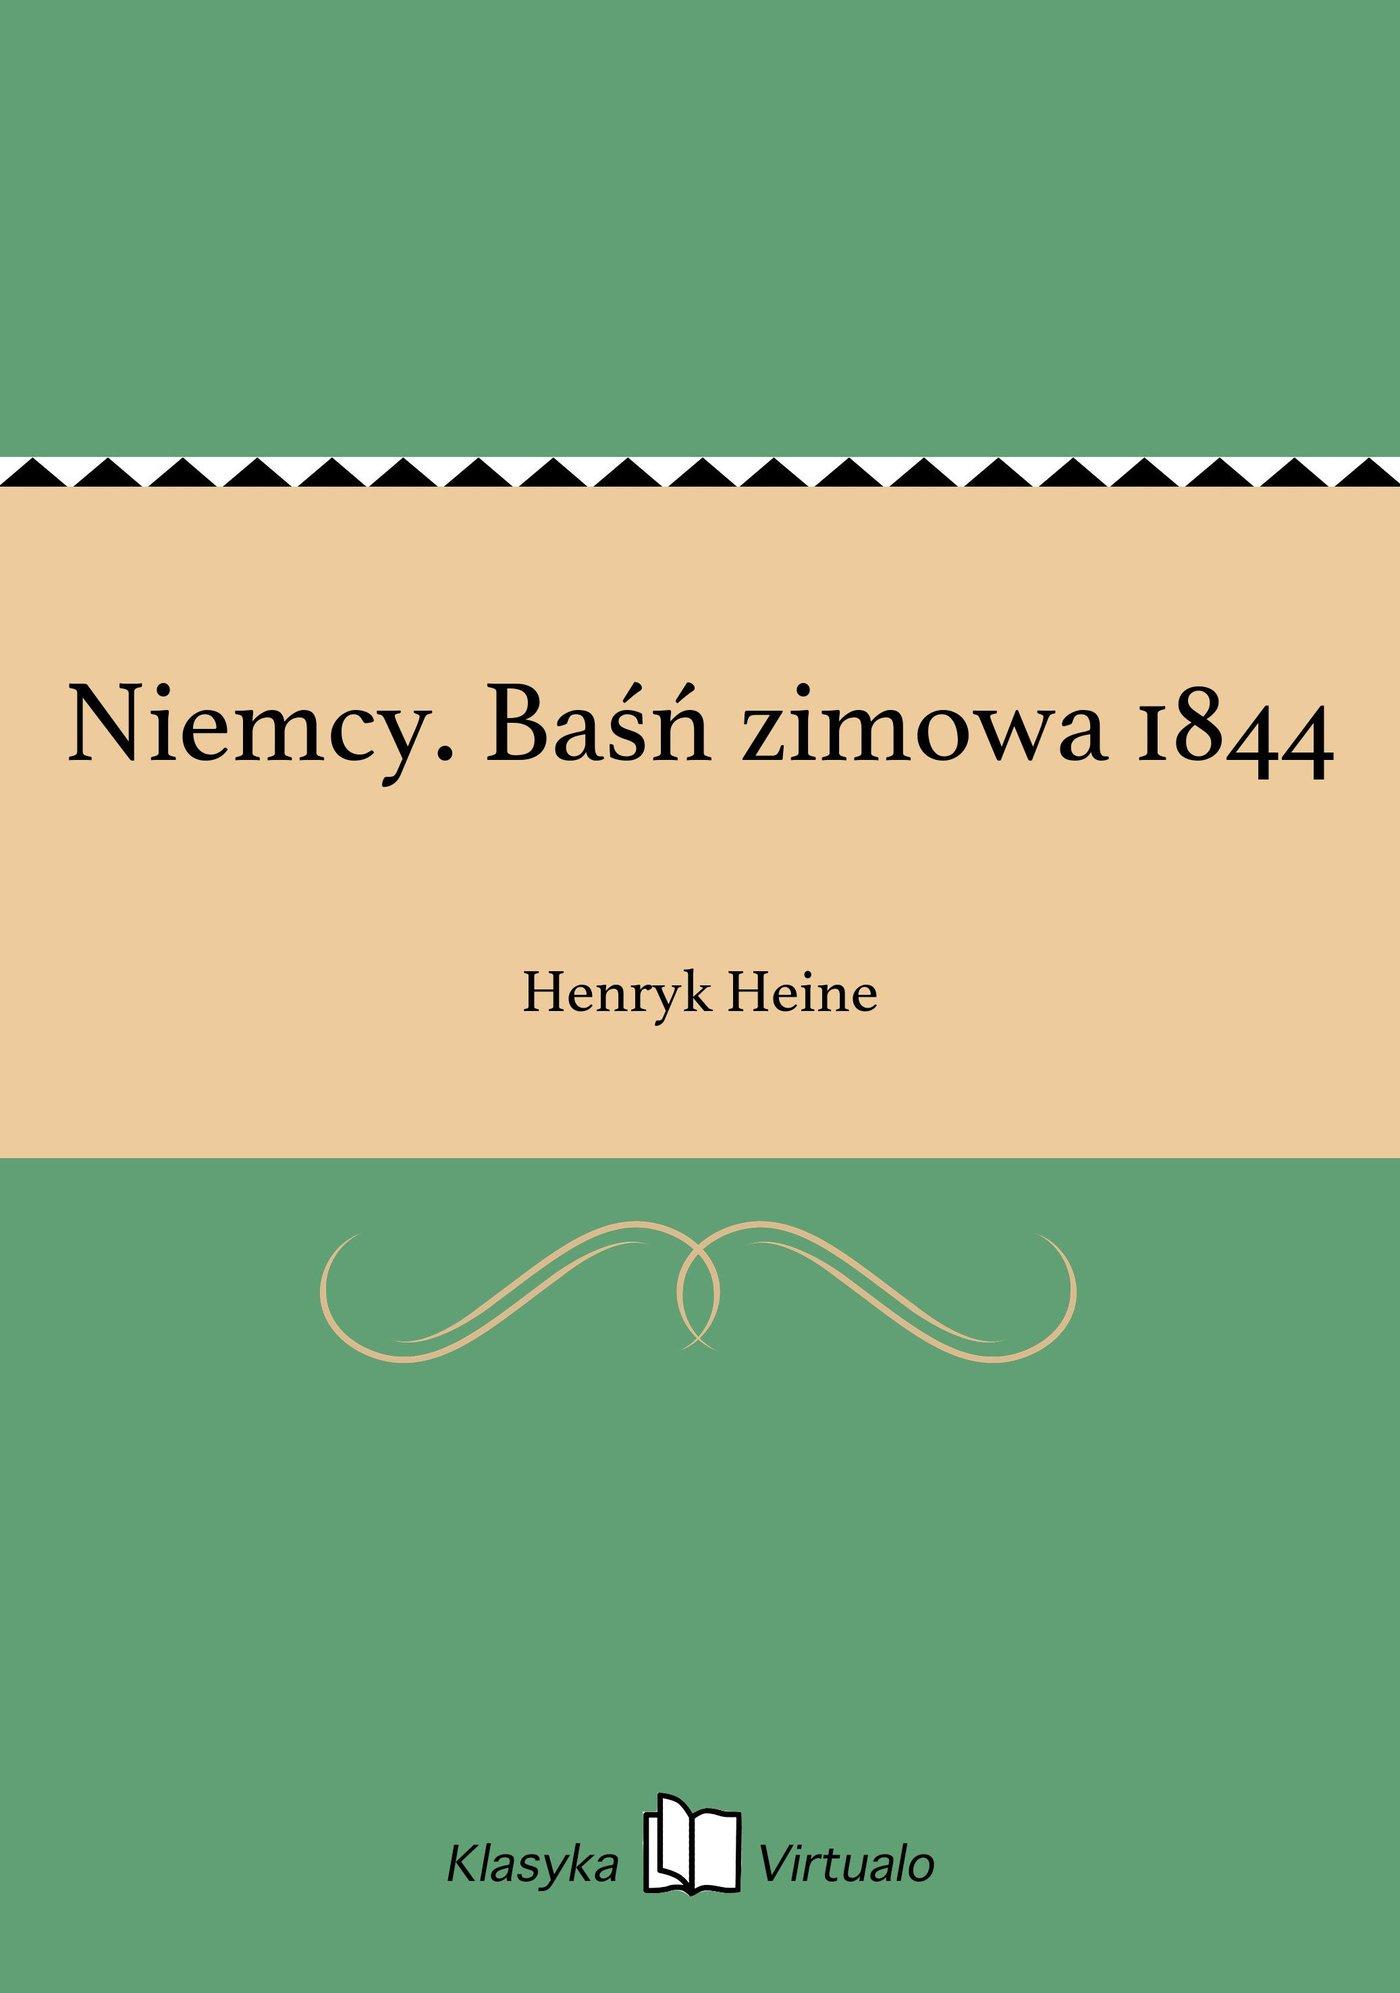 Niemcy. Baśń zimowa 1844 - Ebook (Książka EPUB) do pobrania w formacie EPUB